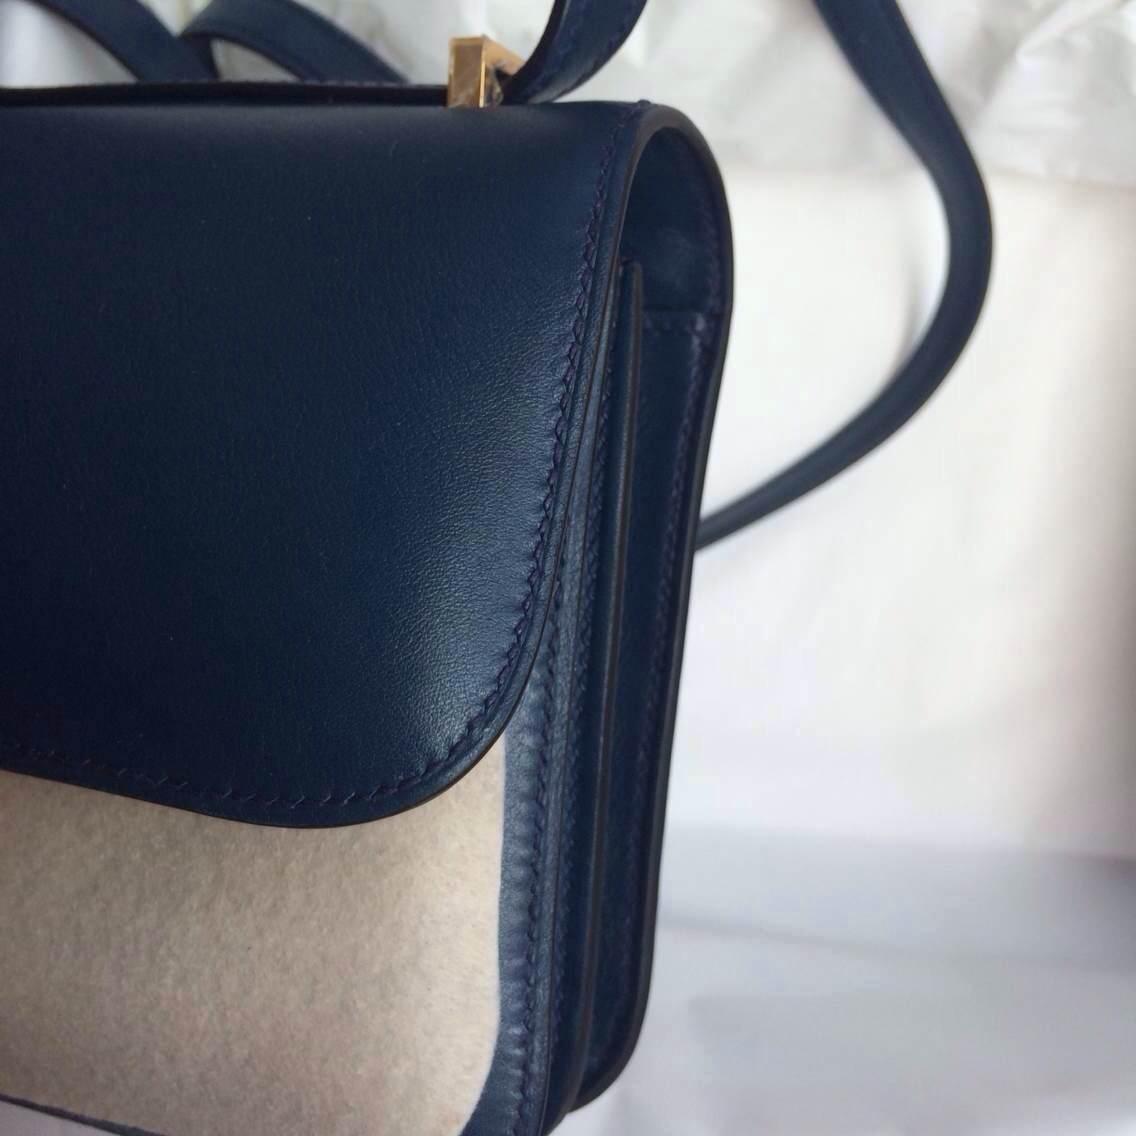 Hermes Constance elan Bag26cm 7K Blue Saphir Swift Leather Womens' Shouldr Bag